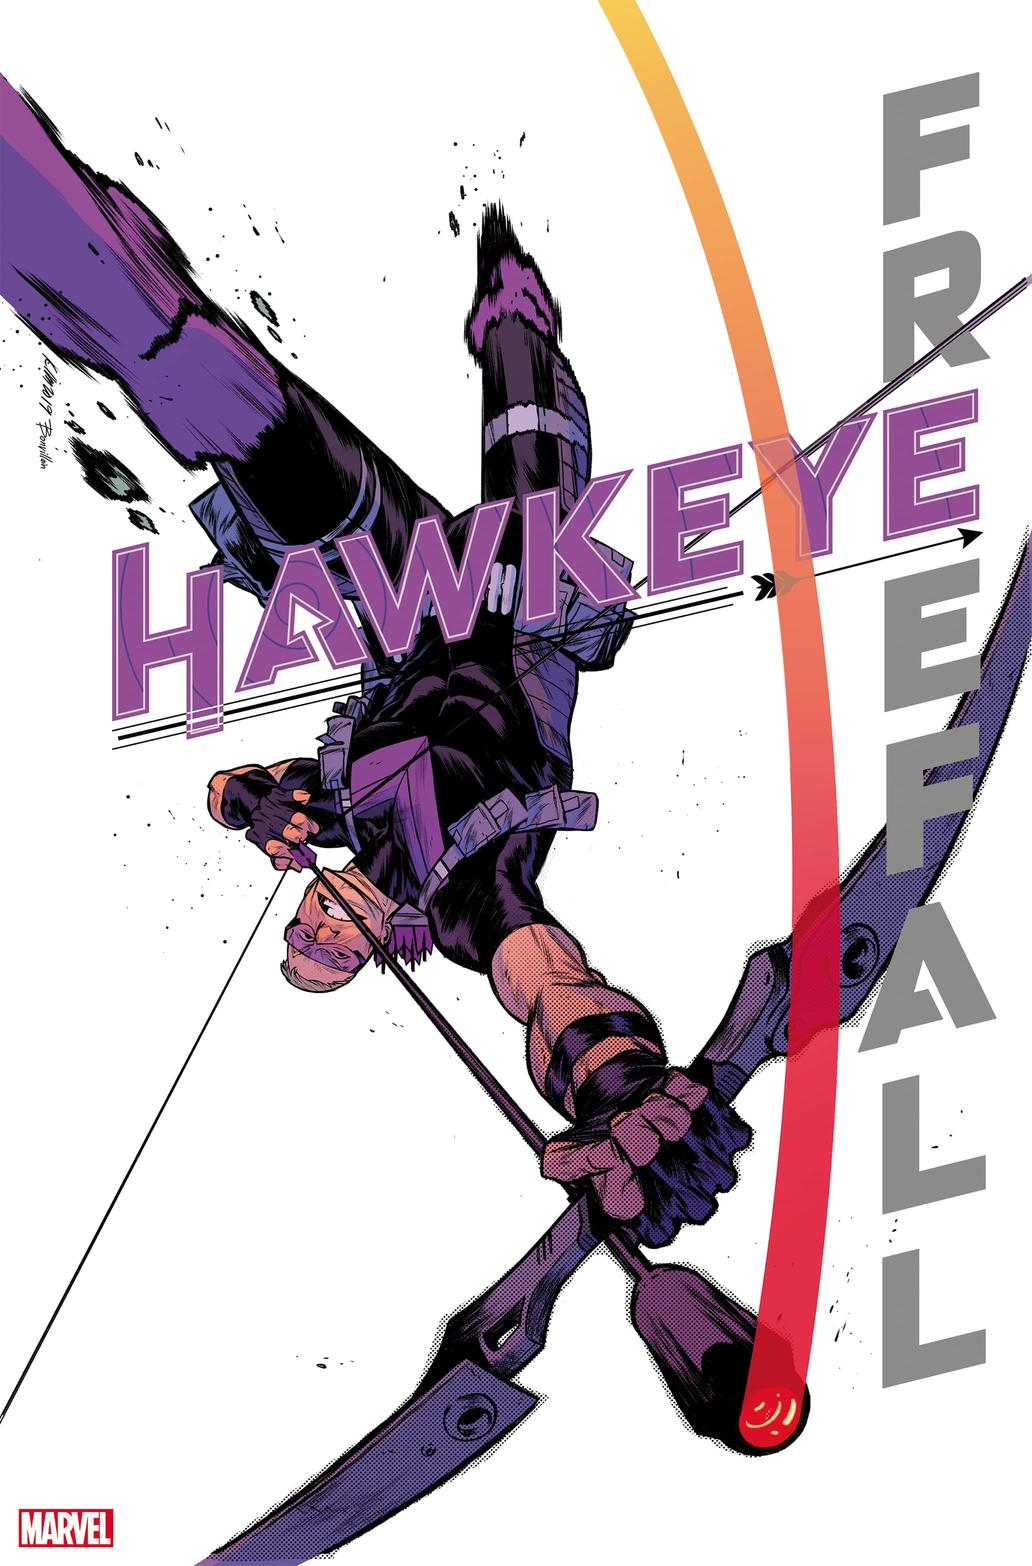 HAWKEYE: FREEFALL #1